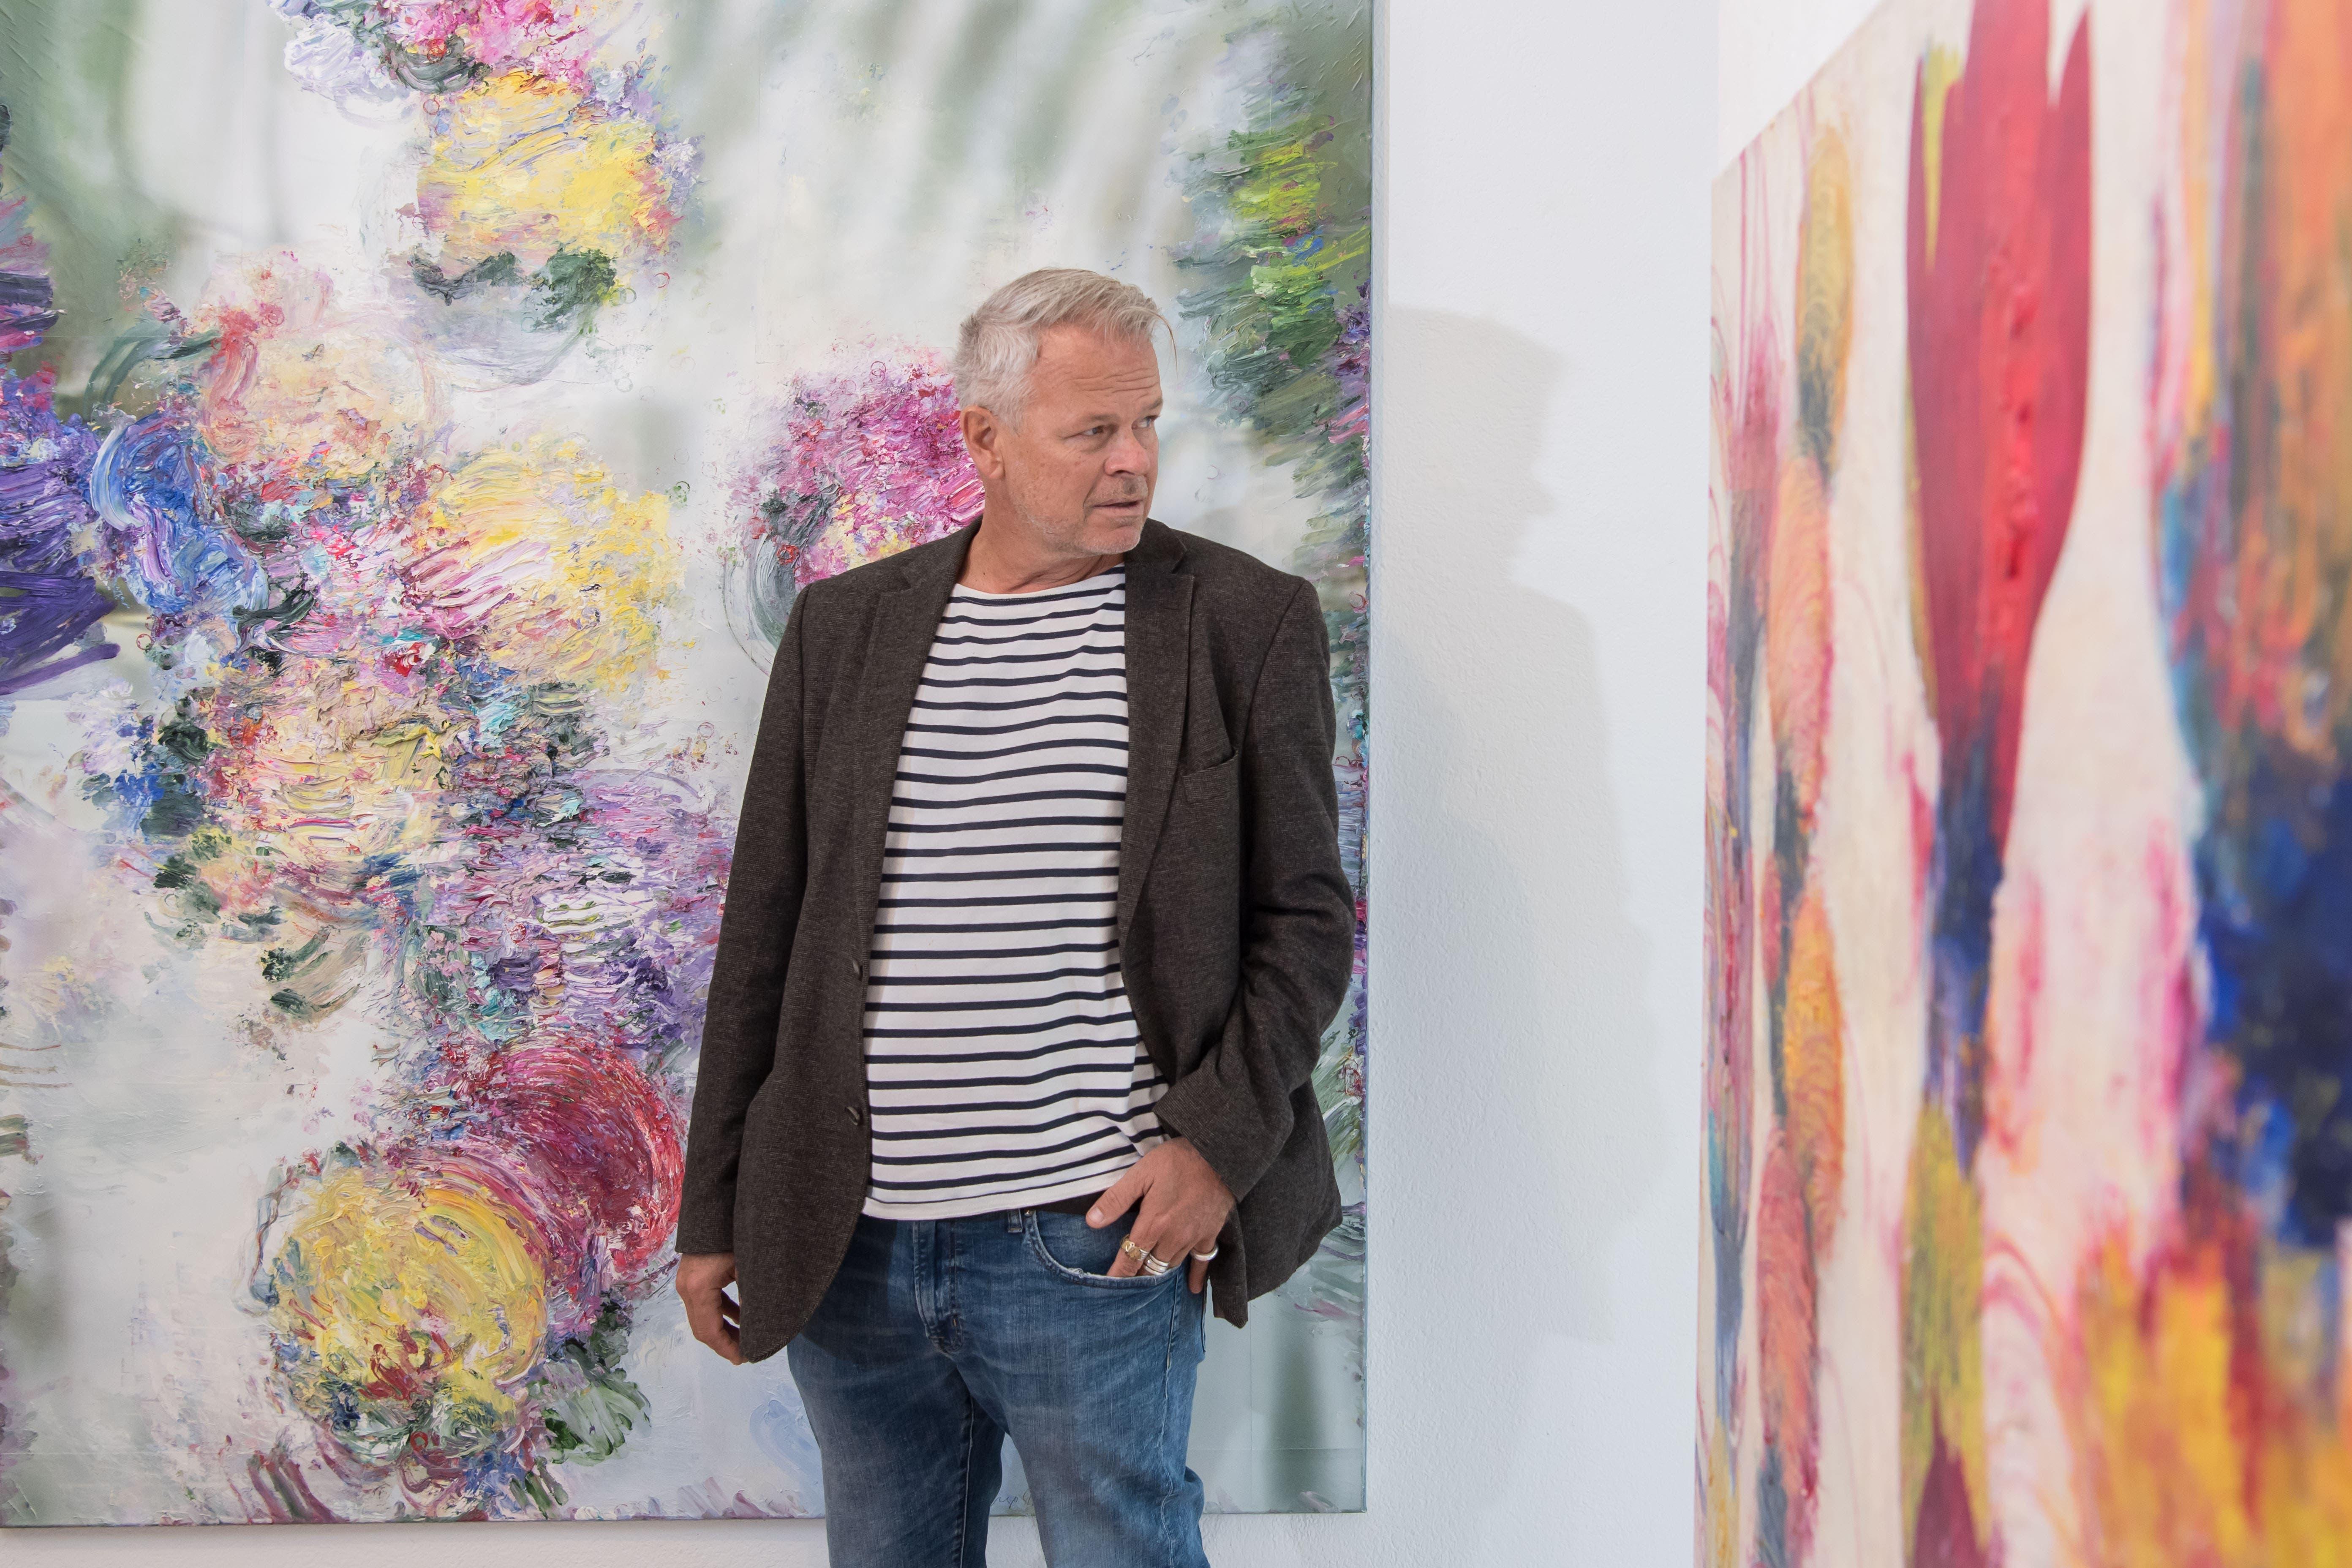 Lorenz Spring, Kunstschaffender aus Bern, inmitten seiner in Ölfarben geschaffenen und gefassten Blütenpracht.